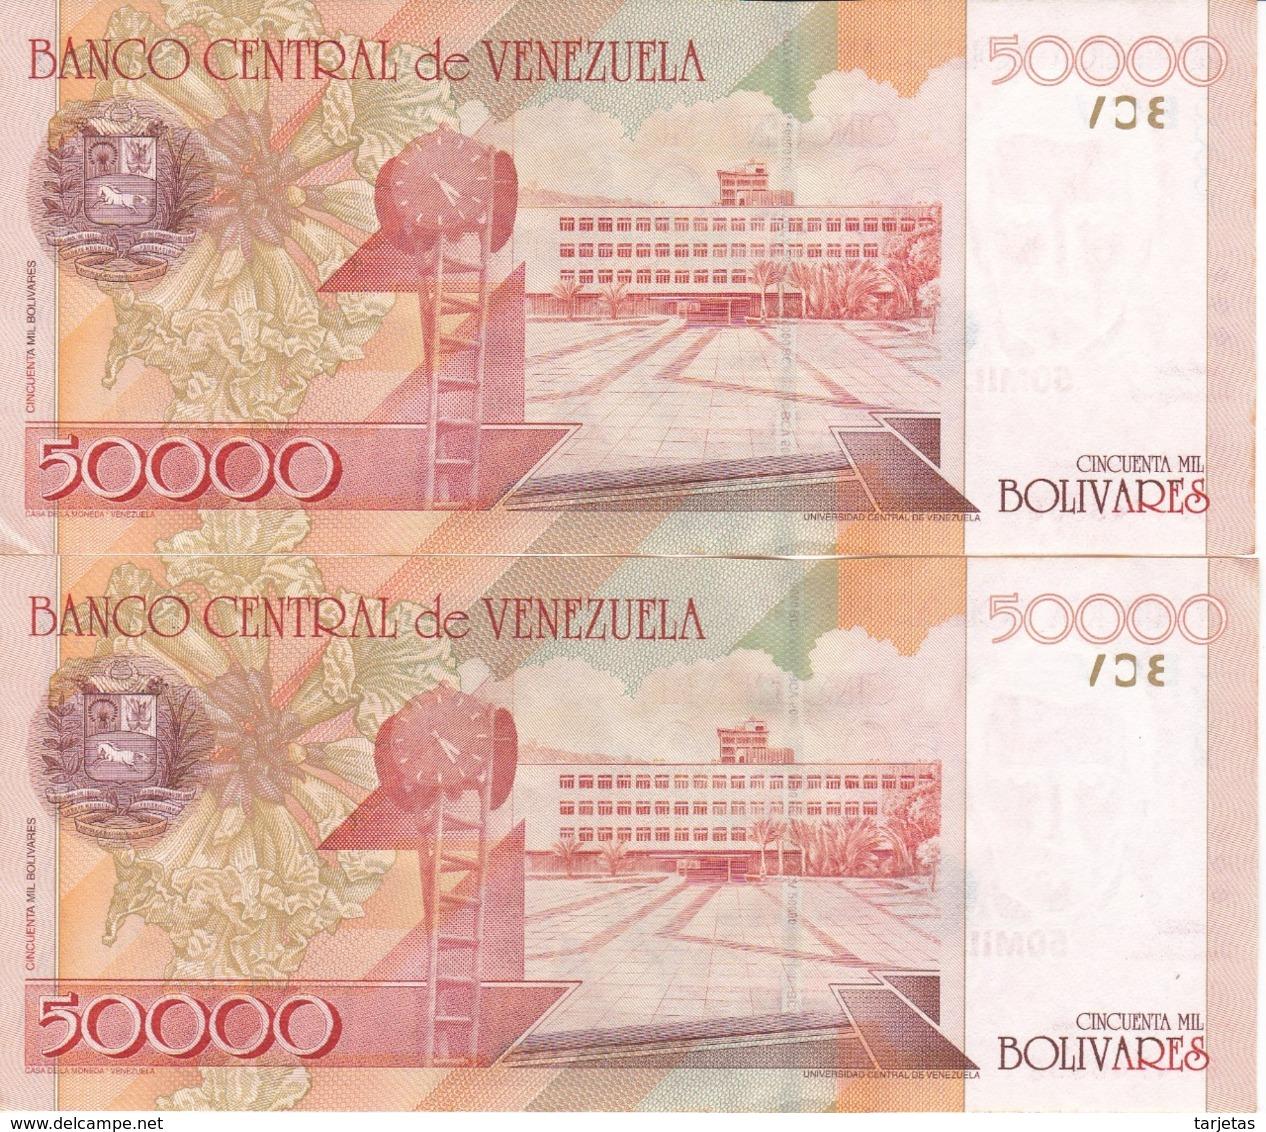 PAREJA DE VENEZUELA DE 50000 BOLIVARES DEL AÑO 2006 EN CALIDAD EBC (XF)  (BANK NOTE) - Venezuela